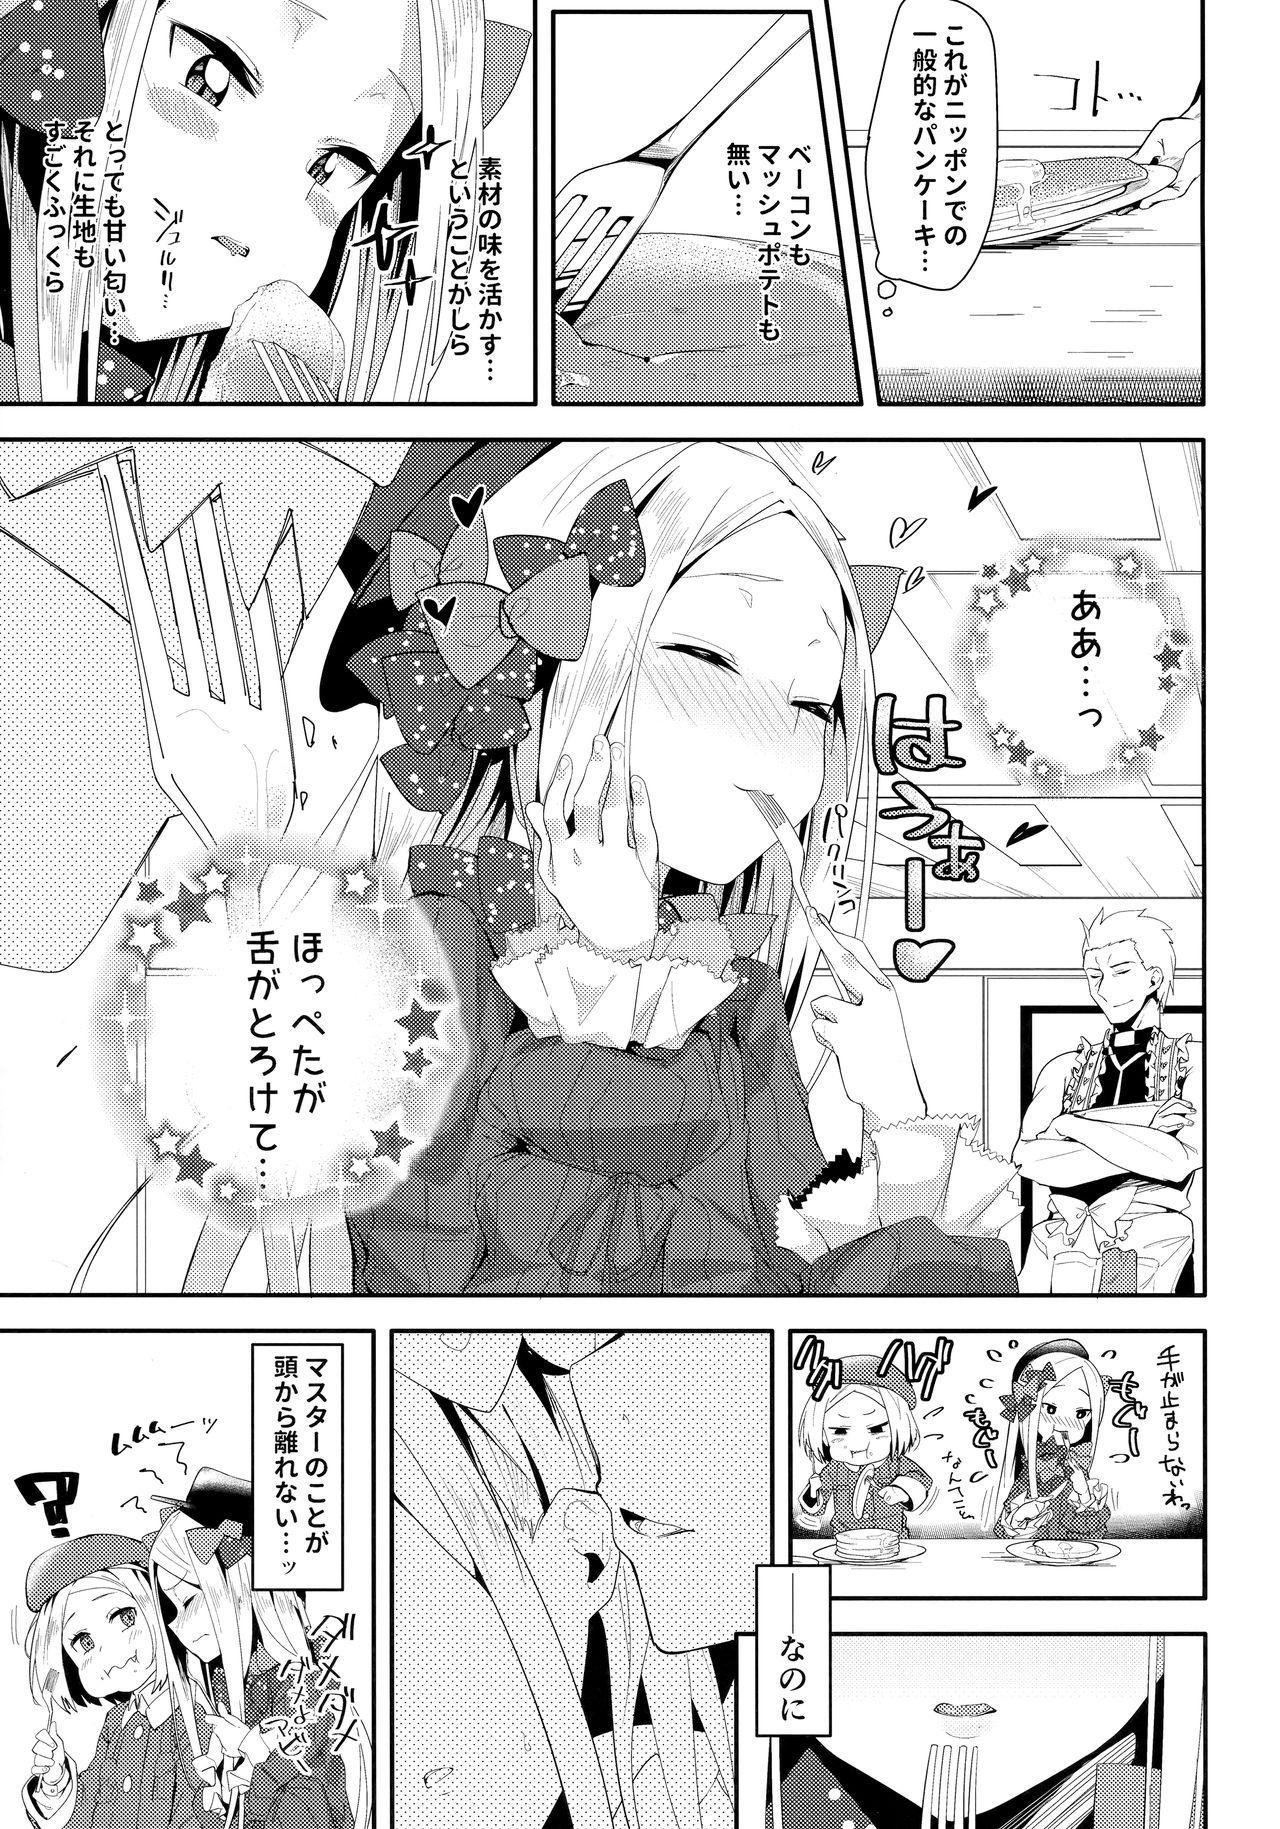 Abby-chan wa Ikenai Ko? 3